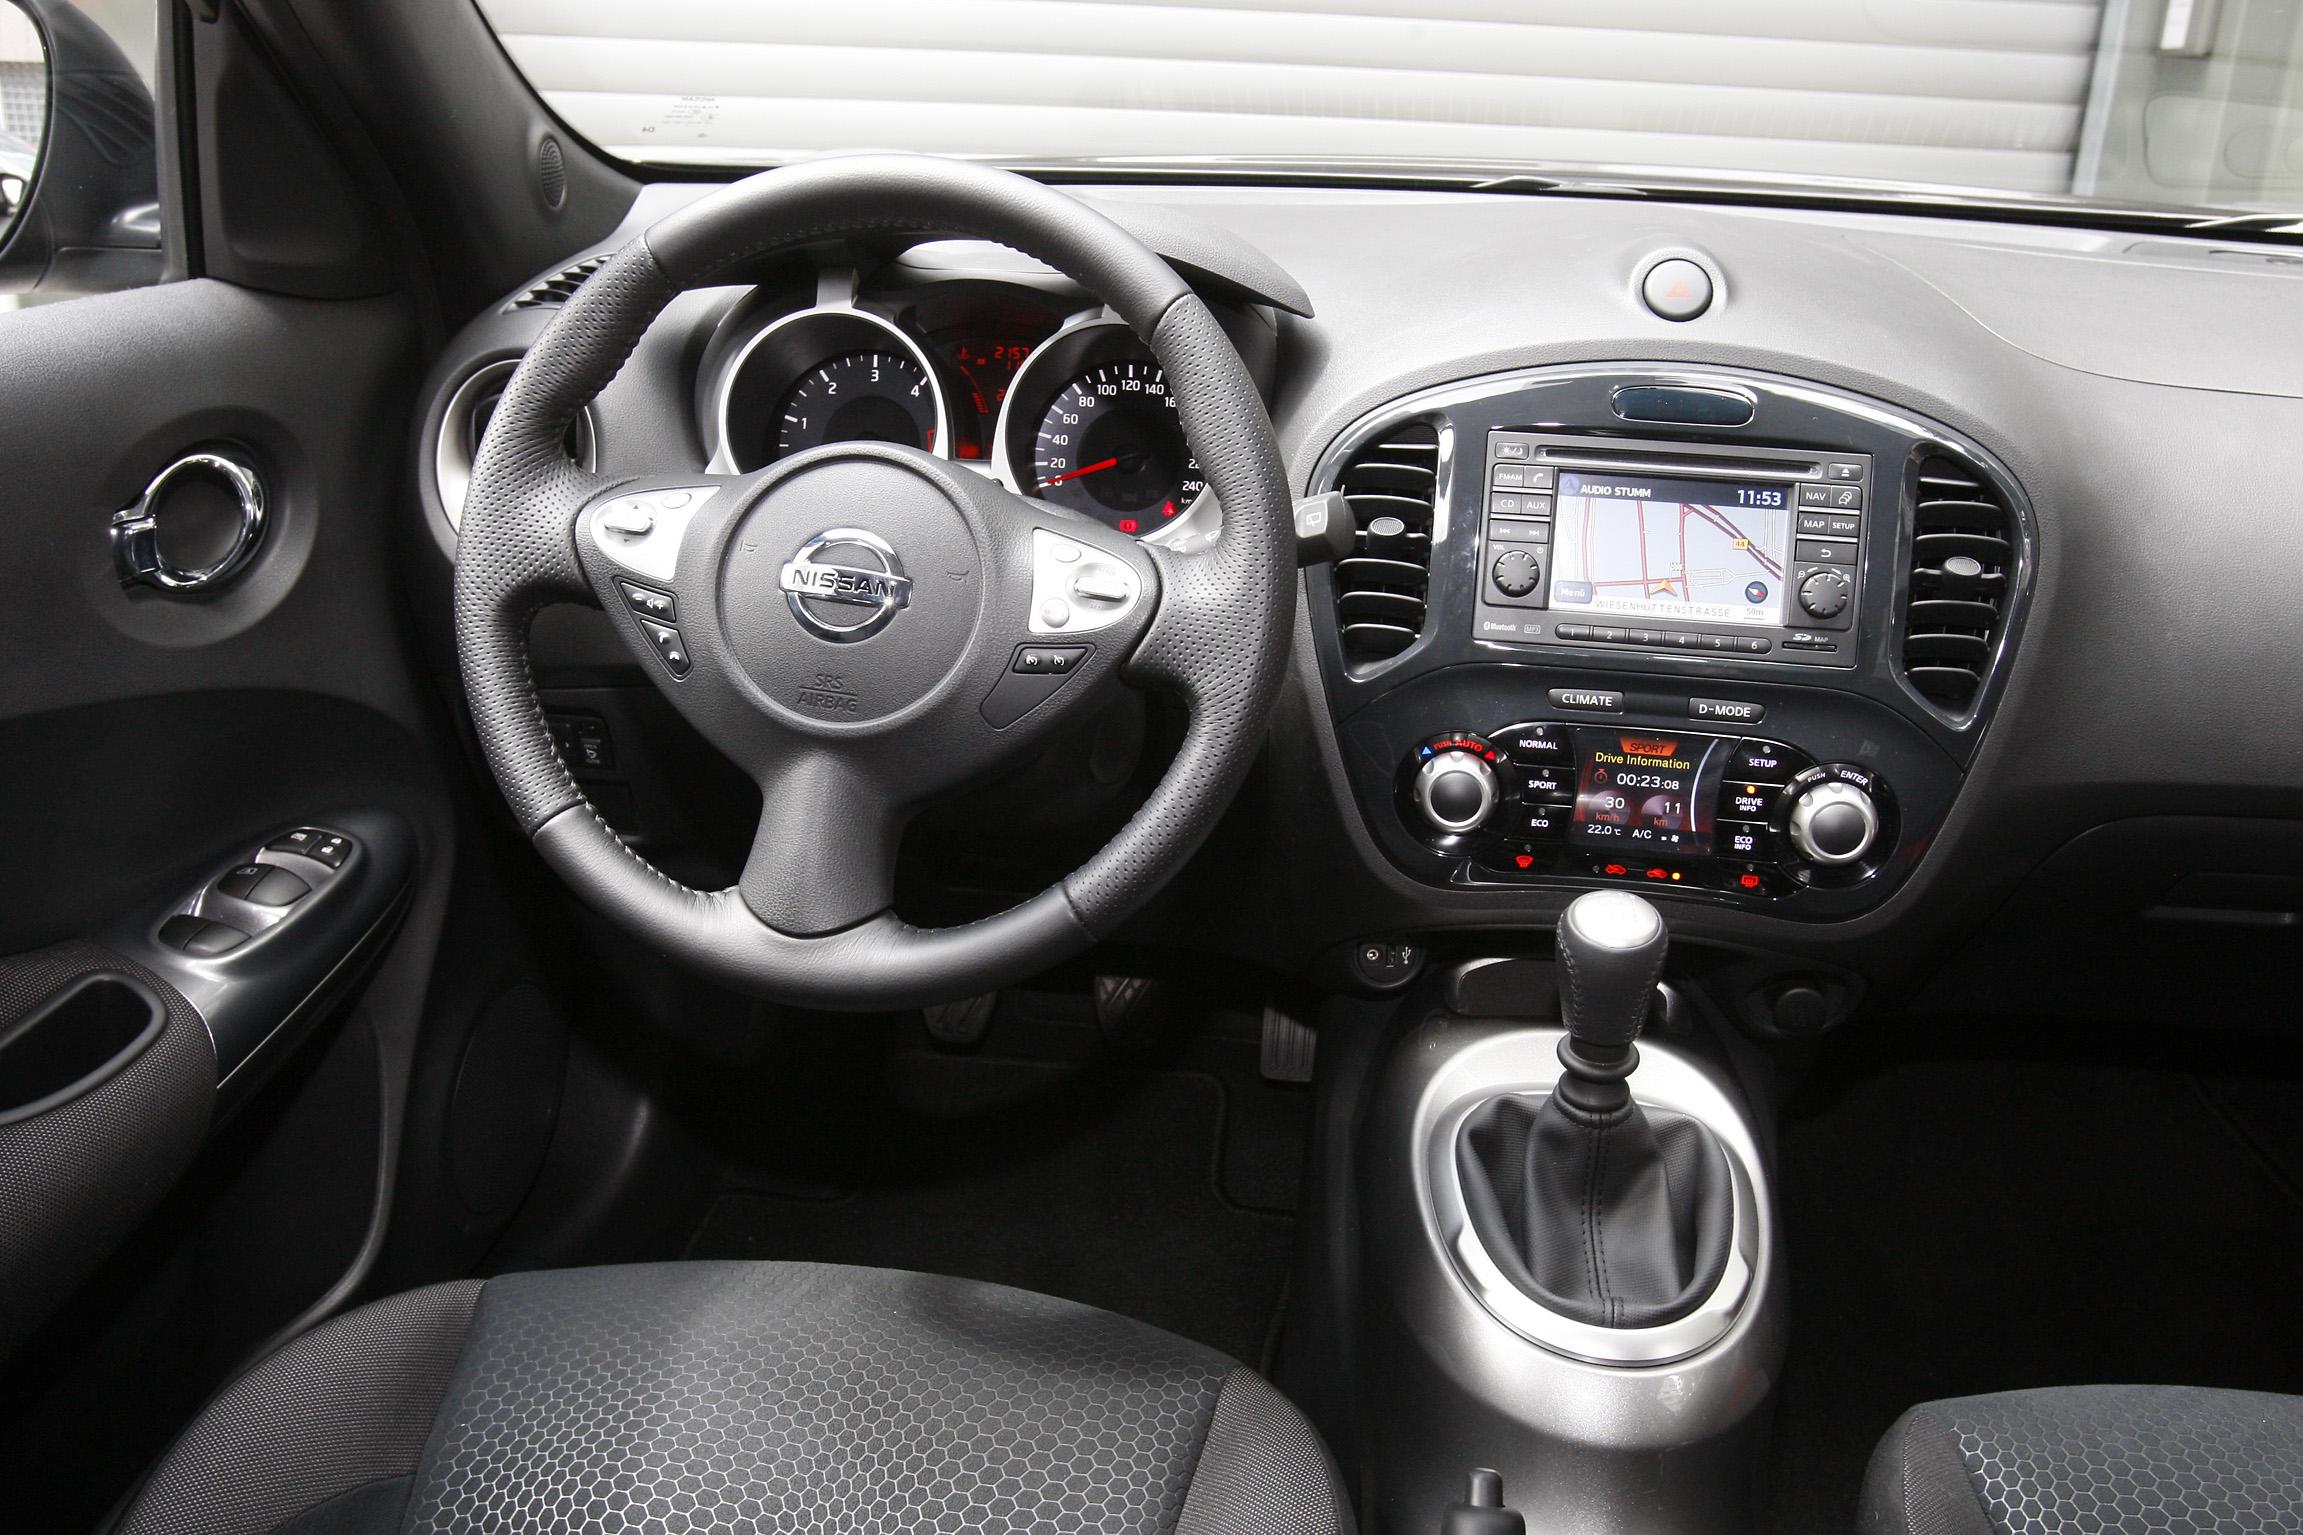 Gut grafik und text camper illustrierte mit der for Nissan juke innenraum